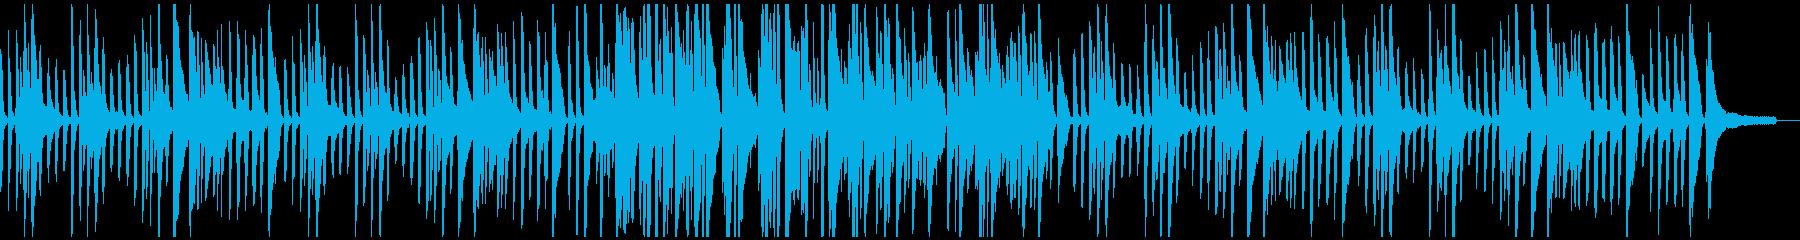 ほのぼのゆったり癒しの日常BGMの再生済みの波形